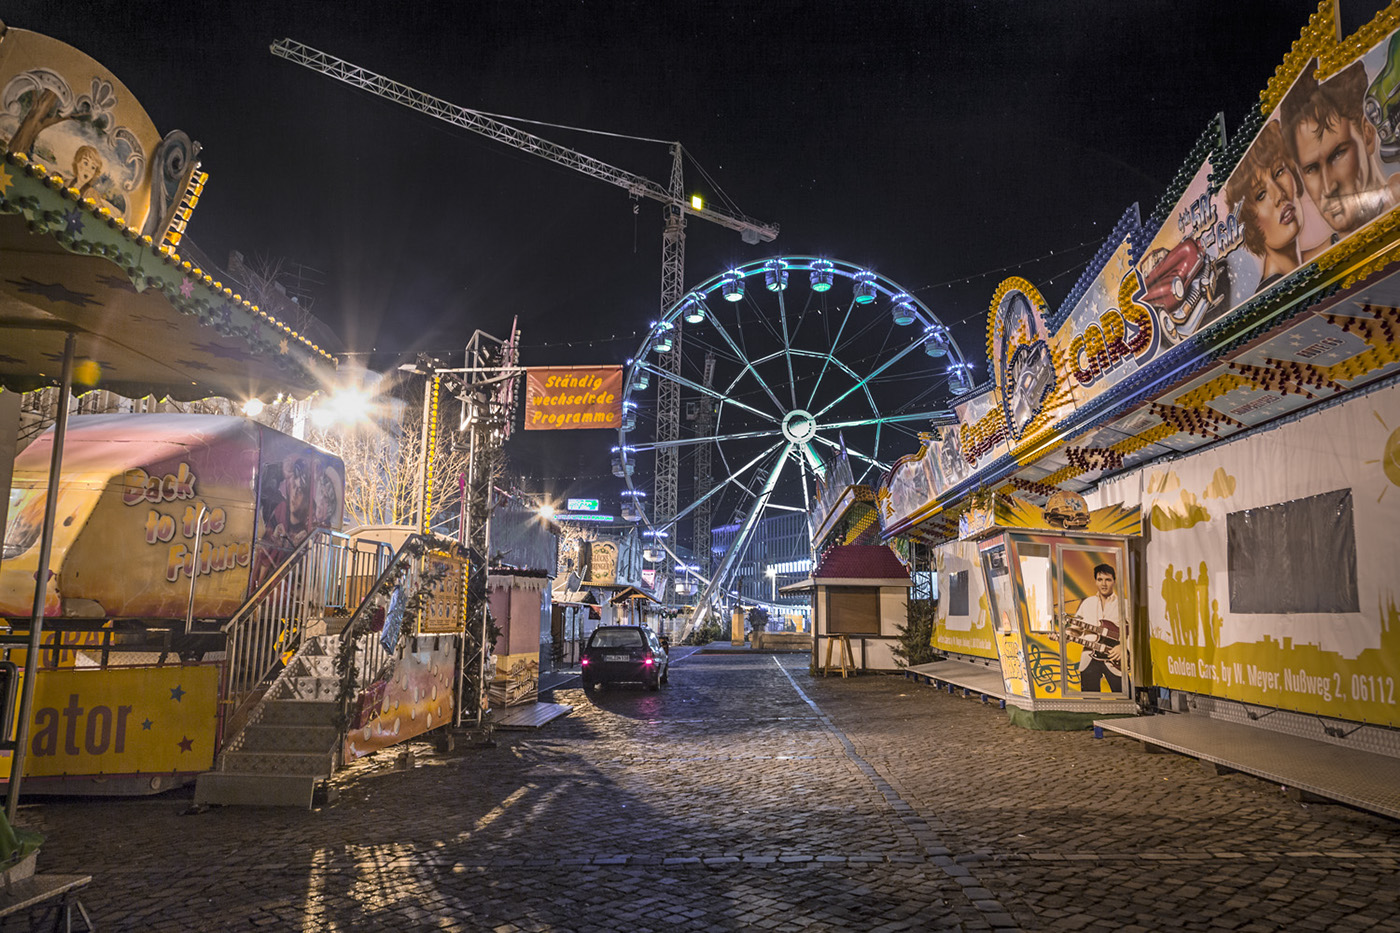 Christmas german Fair night hannover dresden hamburg Halle Weihnachtsmarkt Riesenrad